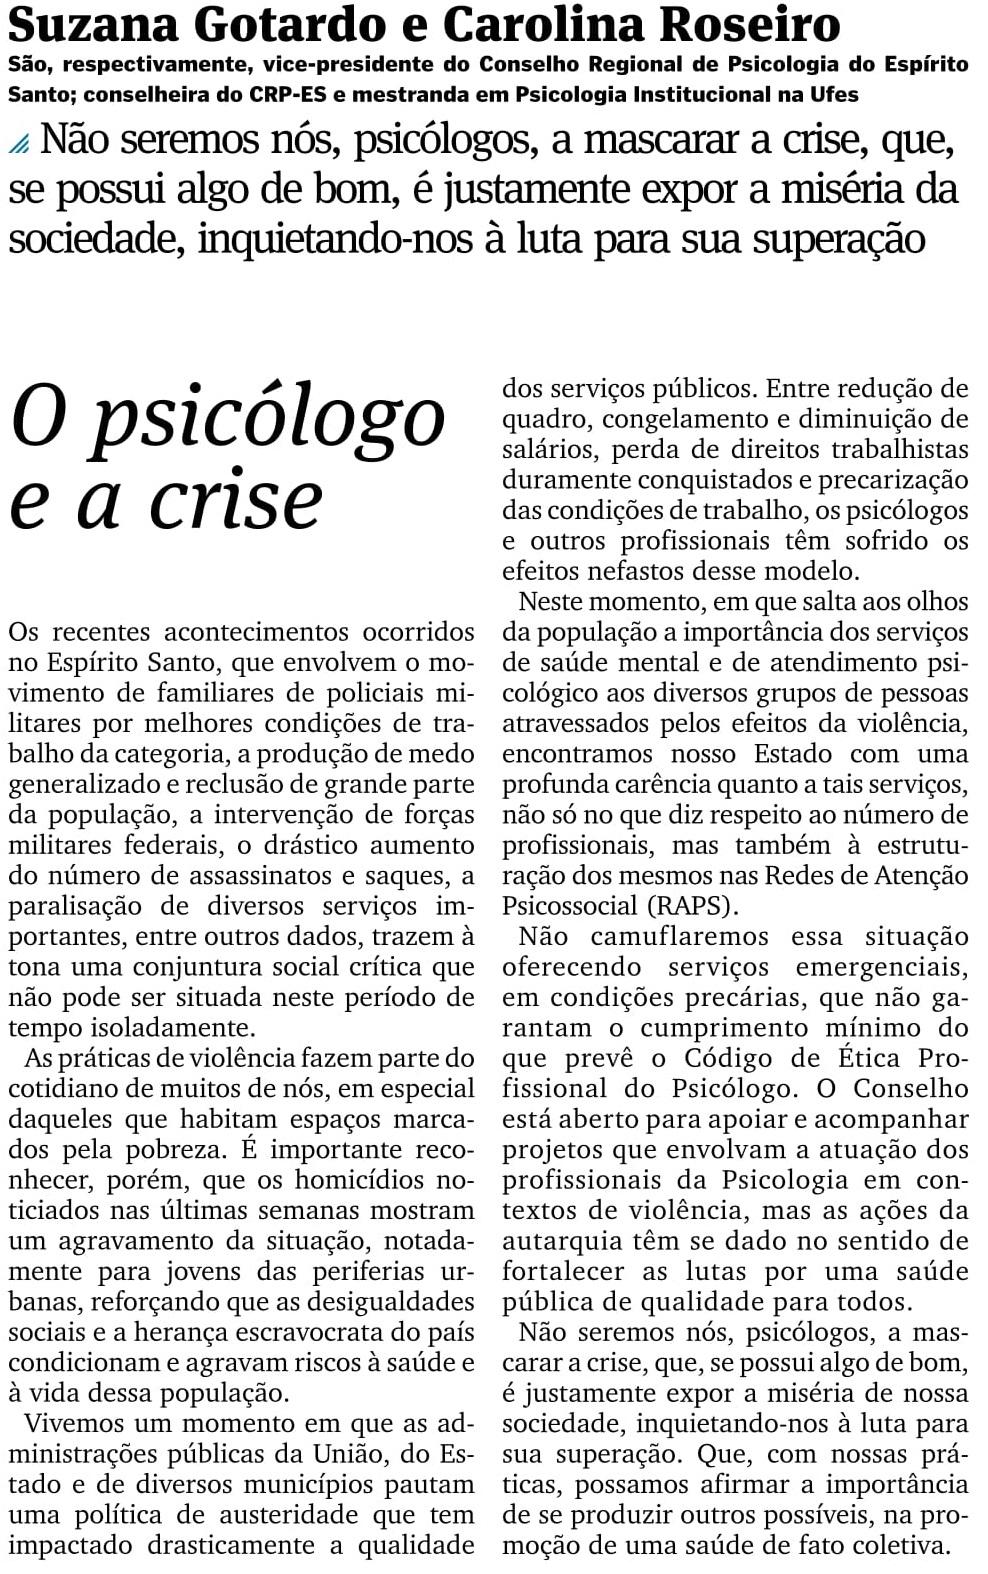 O psicólogo e a crise_AG_OPINIÃO_PÁG 21_24.02.2016_1